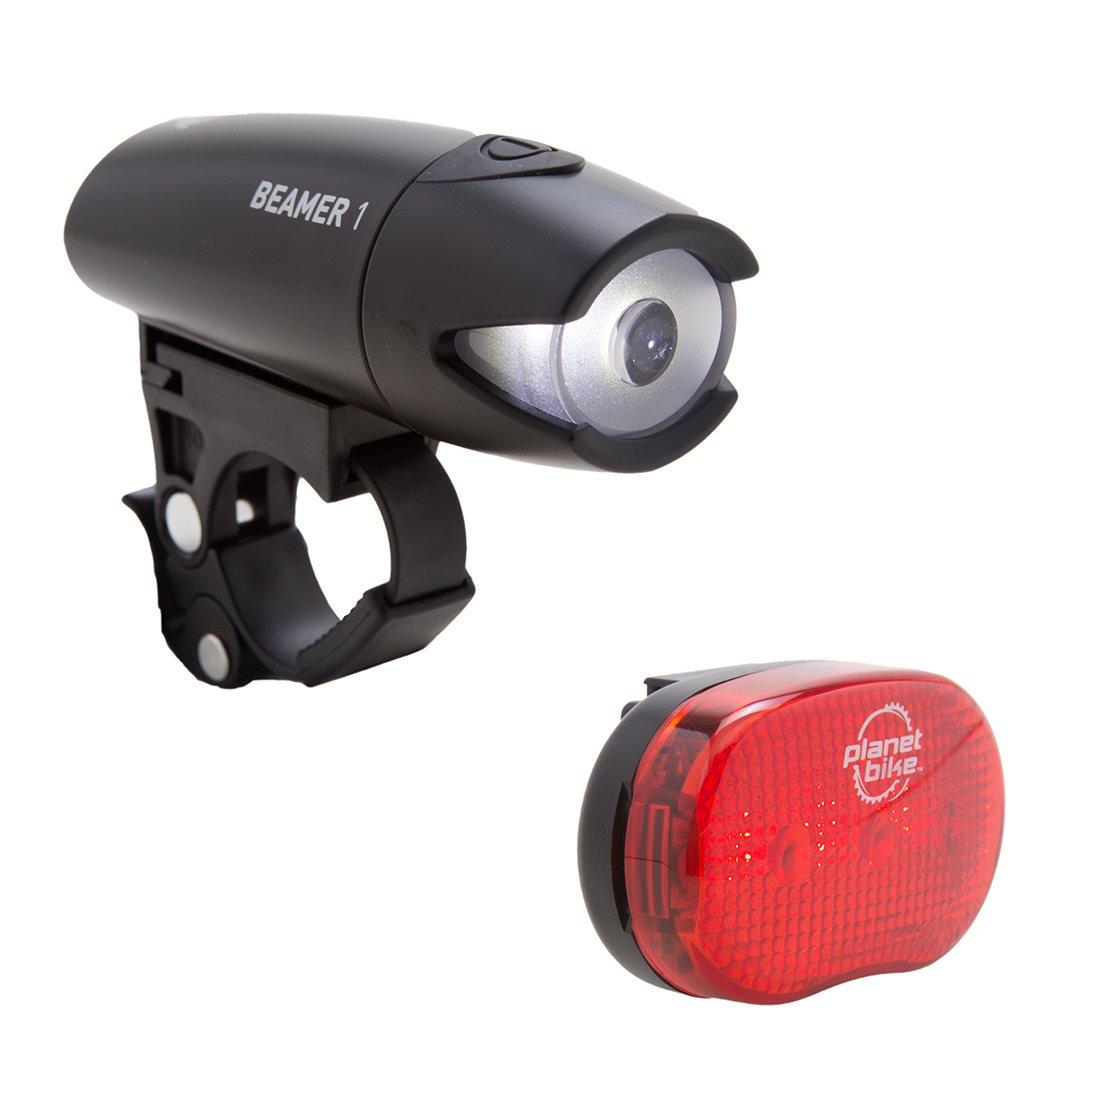 Planet Bike Beamer 1 & Blinky 3 bike light set